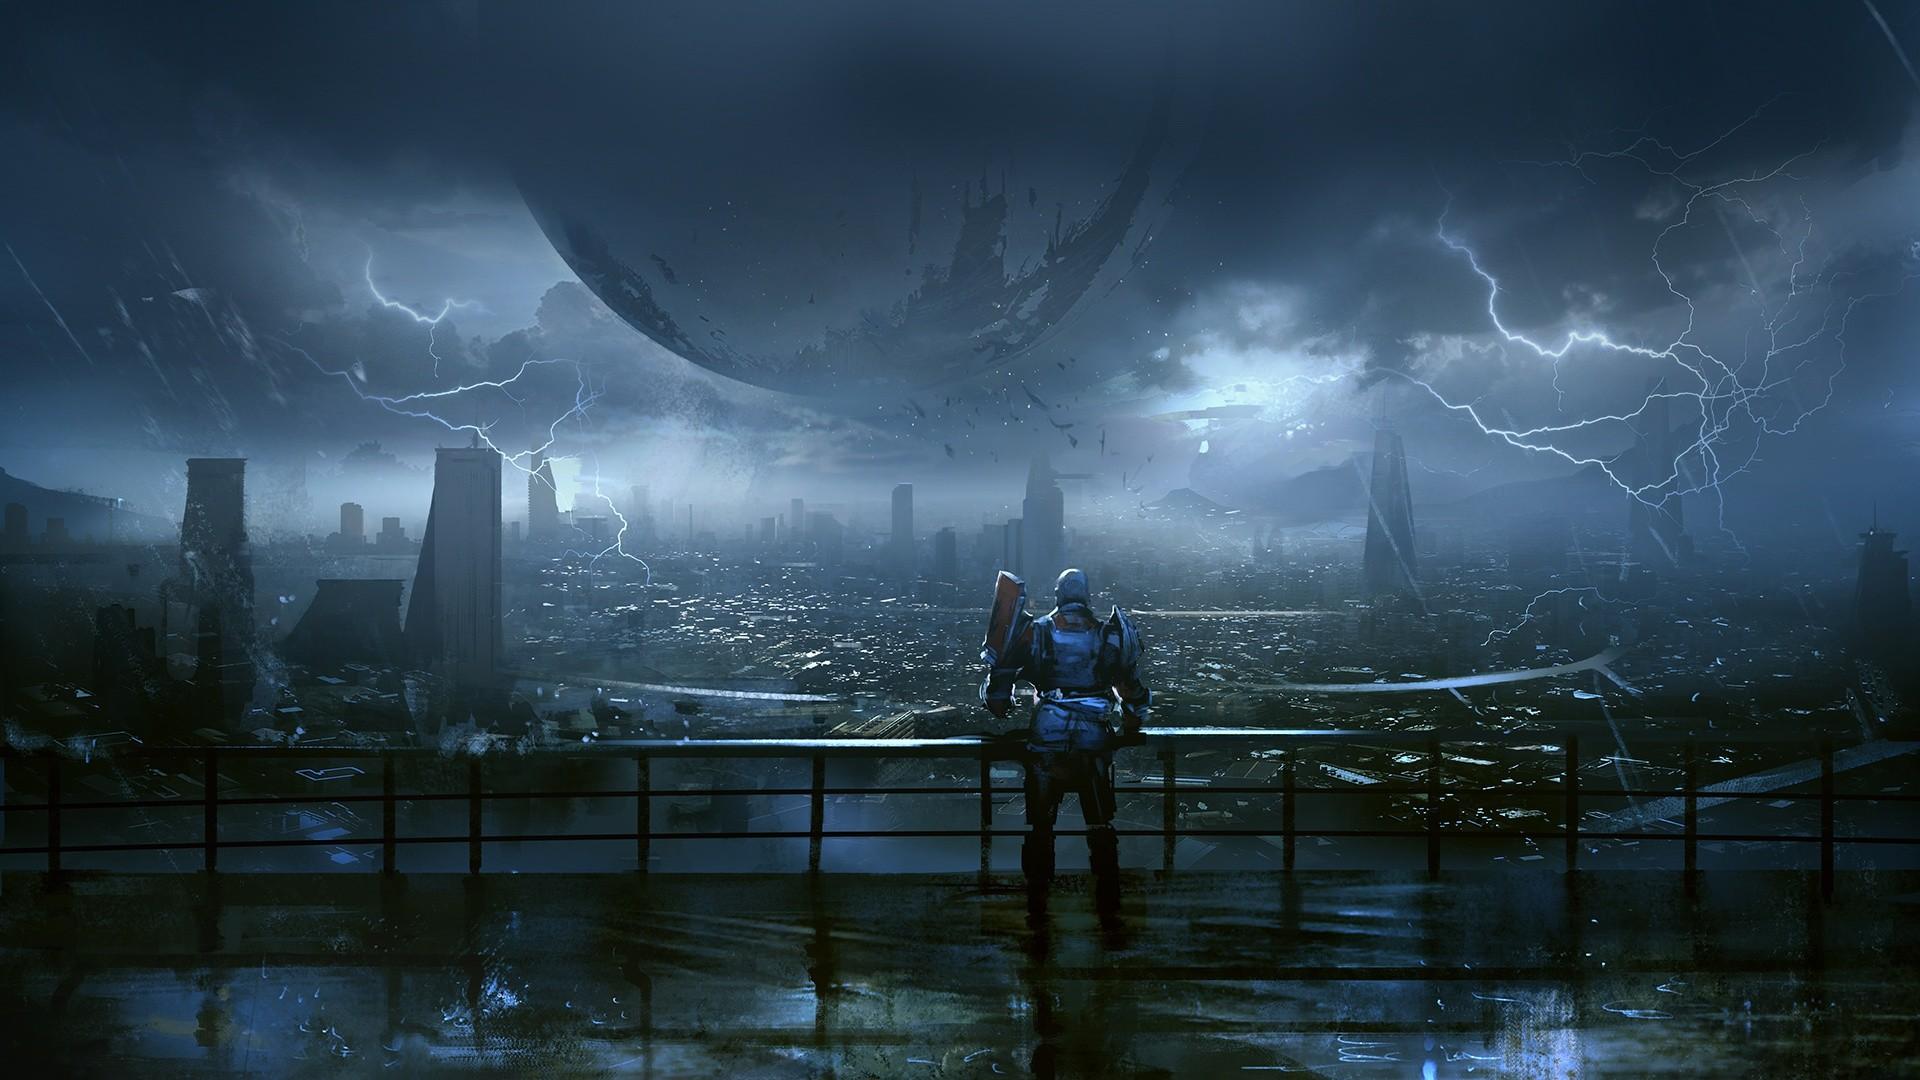 Destiny-2-4k-hd-wallpaper-Last-city-rain